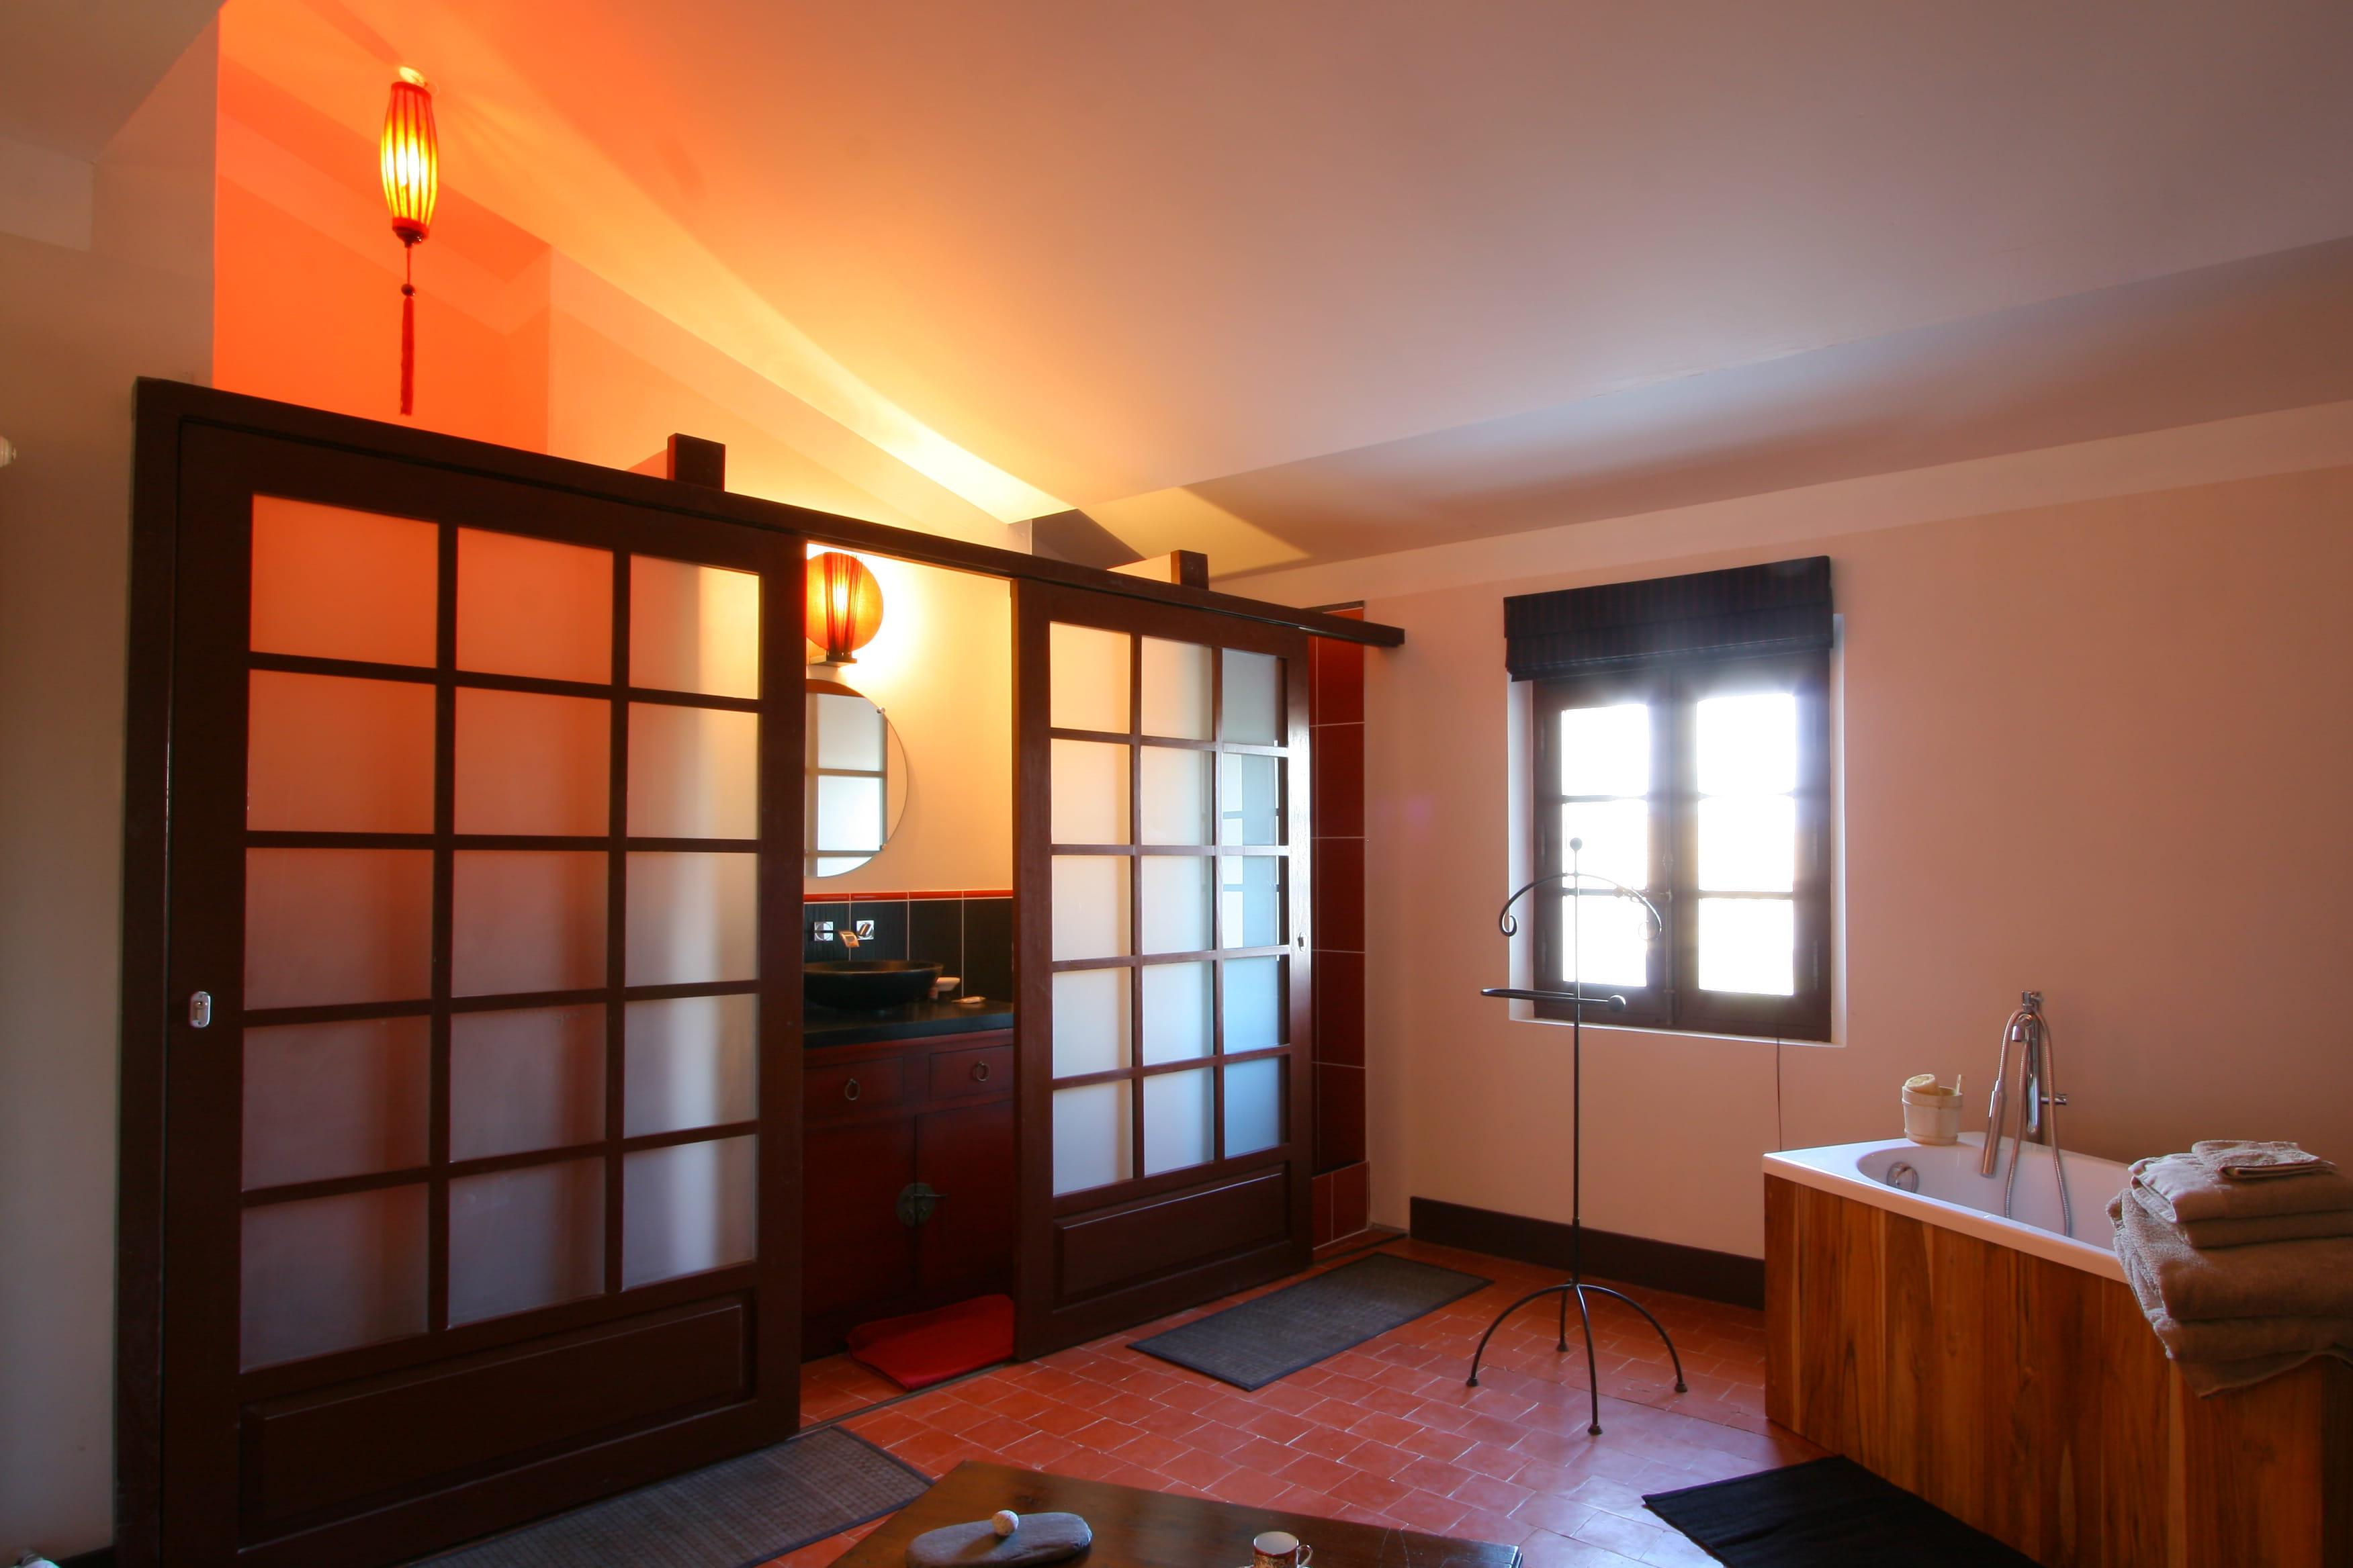 fa on panneaux japonais cloison mi hauteur quels sont ses avantages journal des femmes. Black Bedroom Furniture Sets. Home Design Ideas